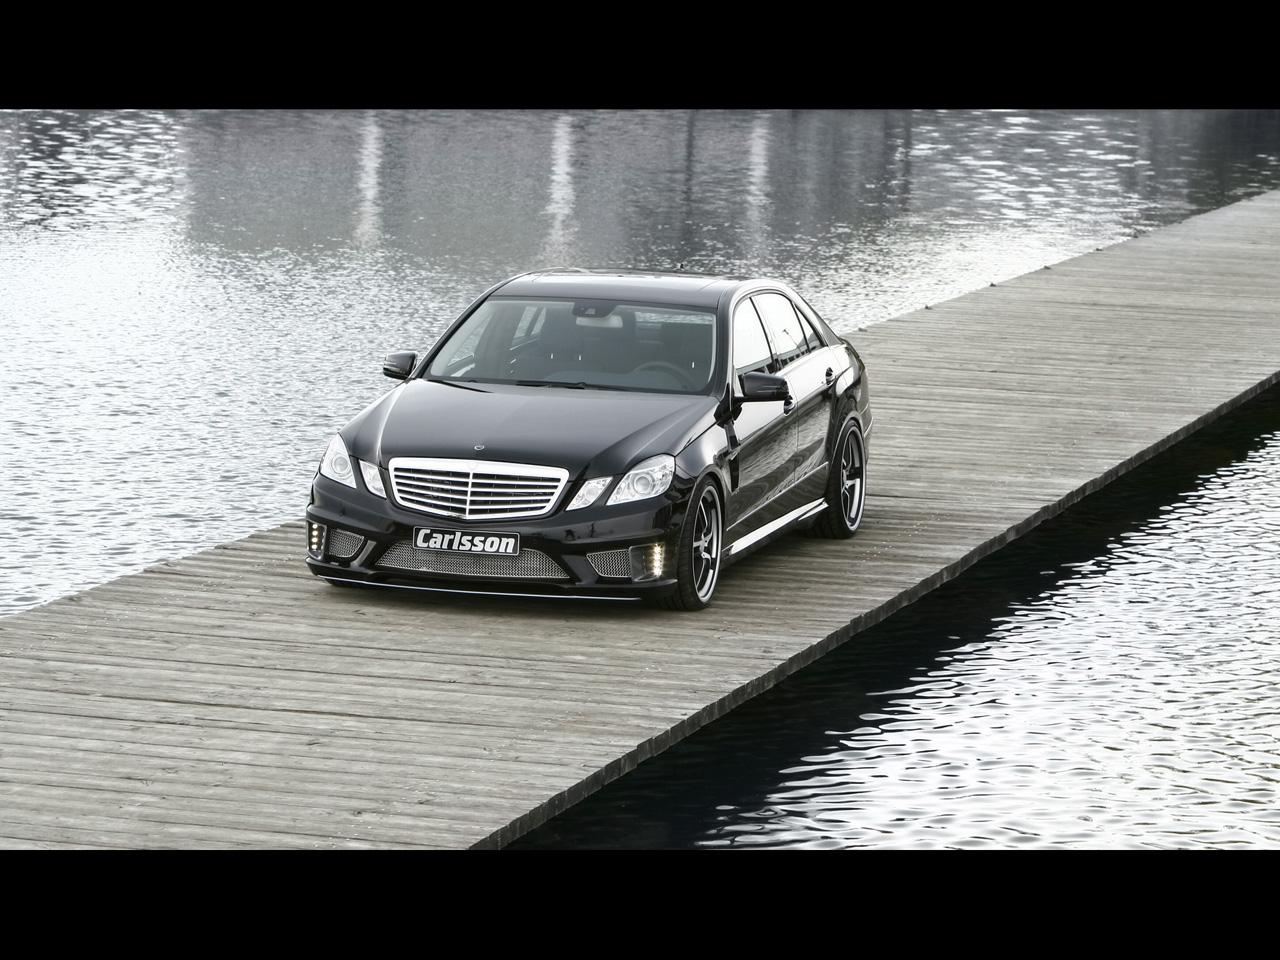 http://2.bp.blogspot.com/_rH30t_UIXBM/TUMOoaqBmAI/AAAAAAAAAOI/Q-21MBydoUM/s1600/2009-carlsson-mercedes-benz-e-class-3-pictures-cars-wallpapers.jpg